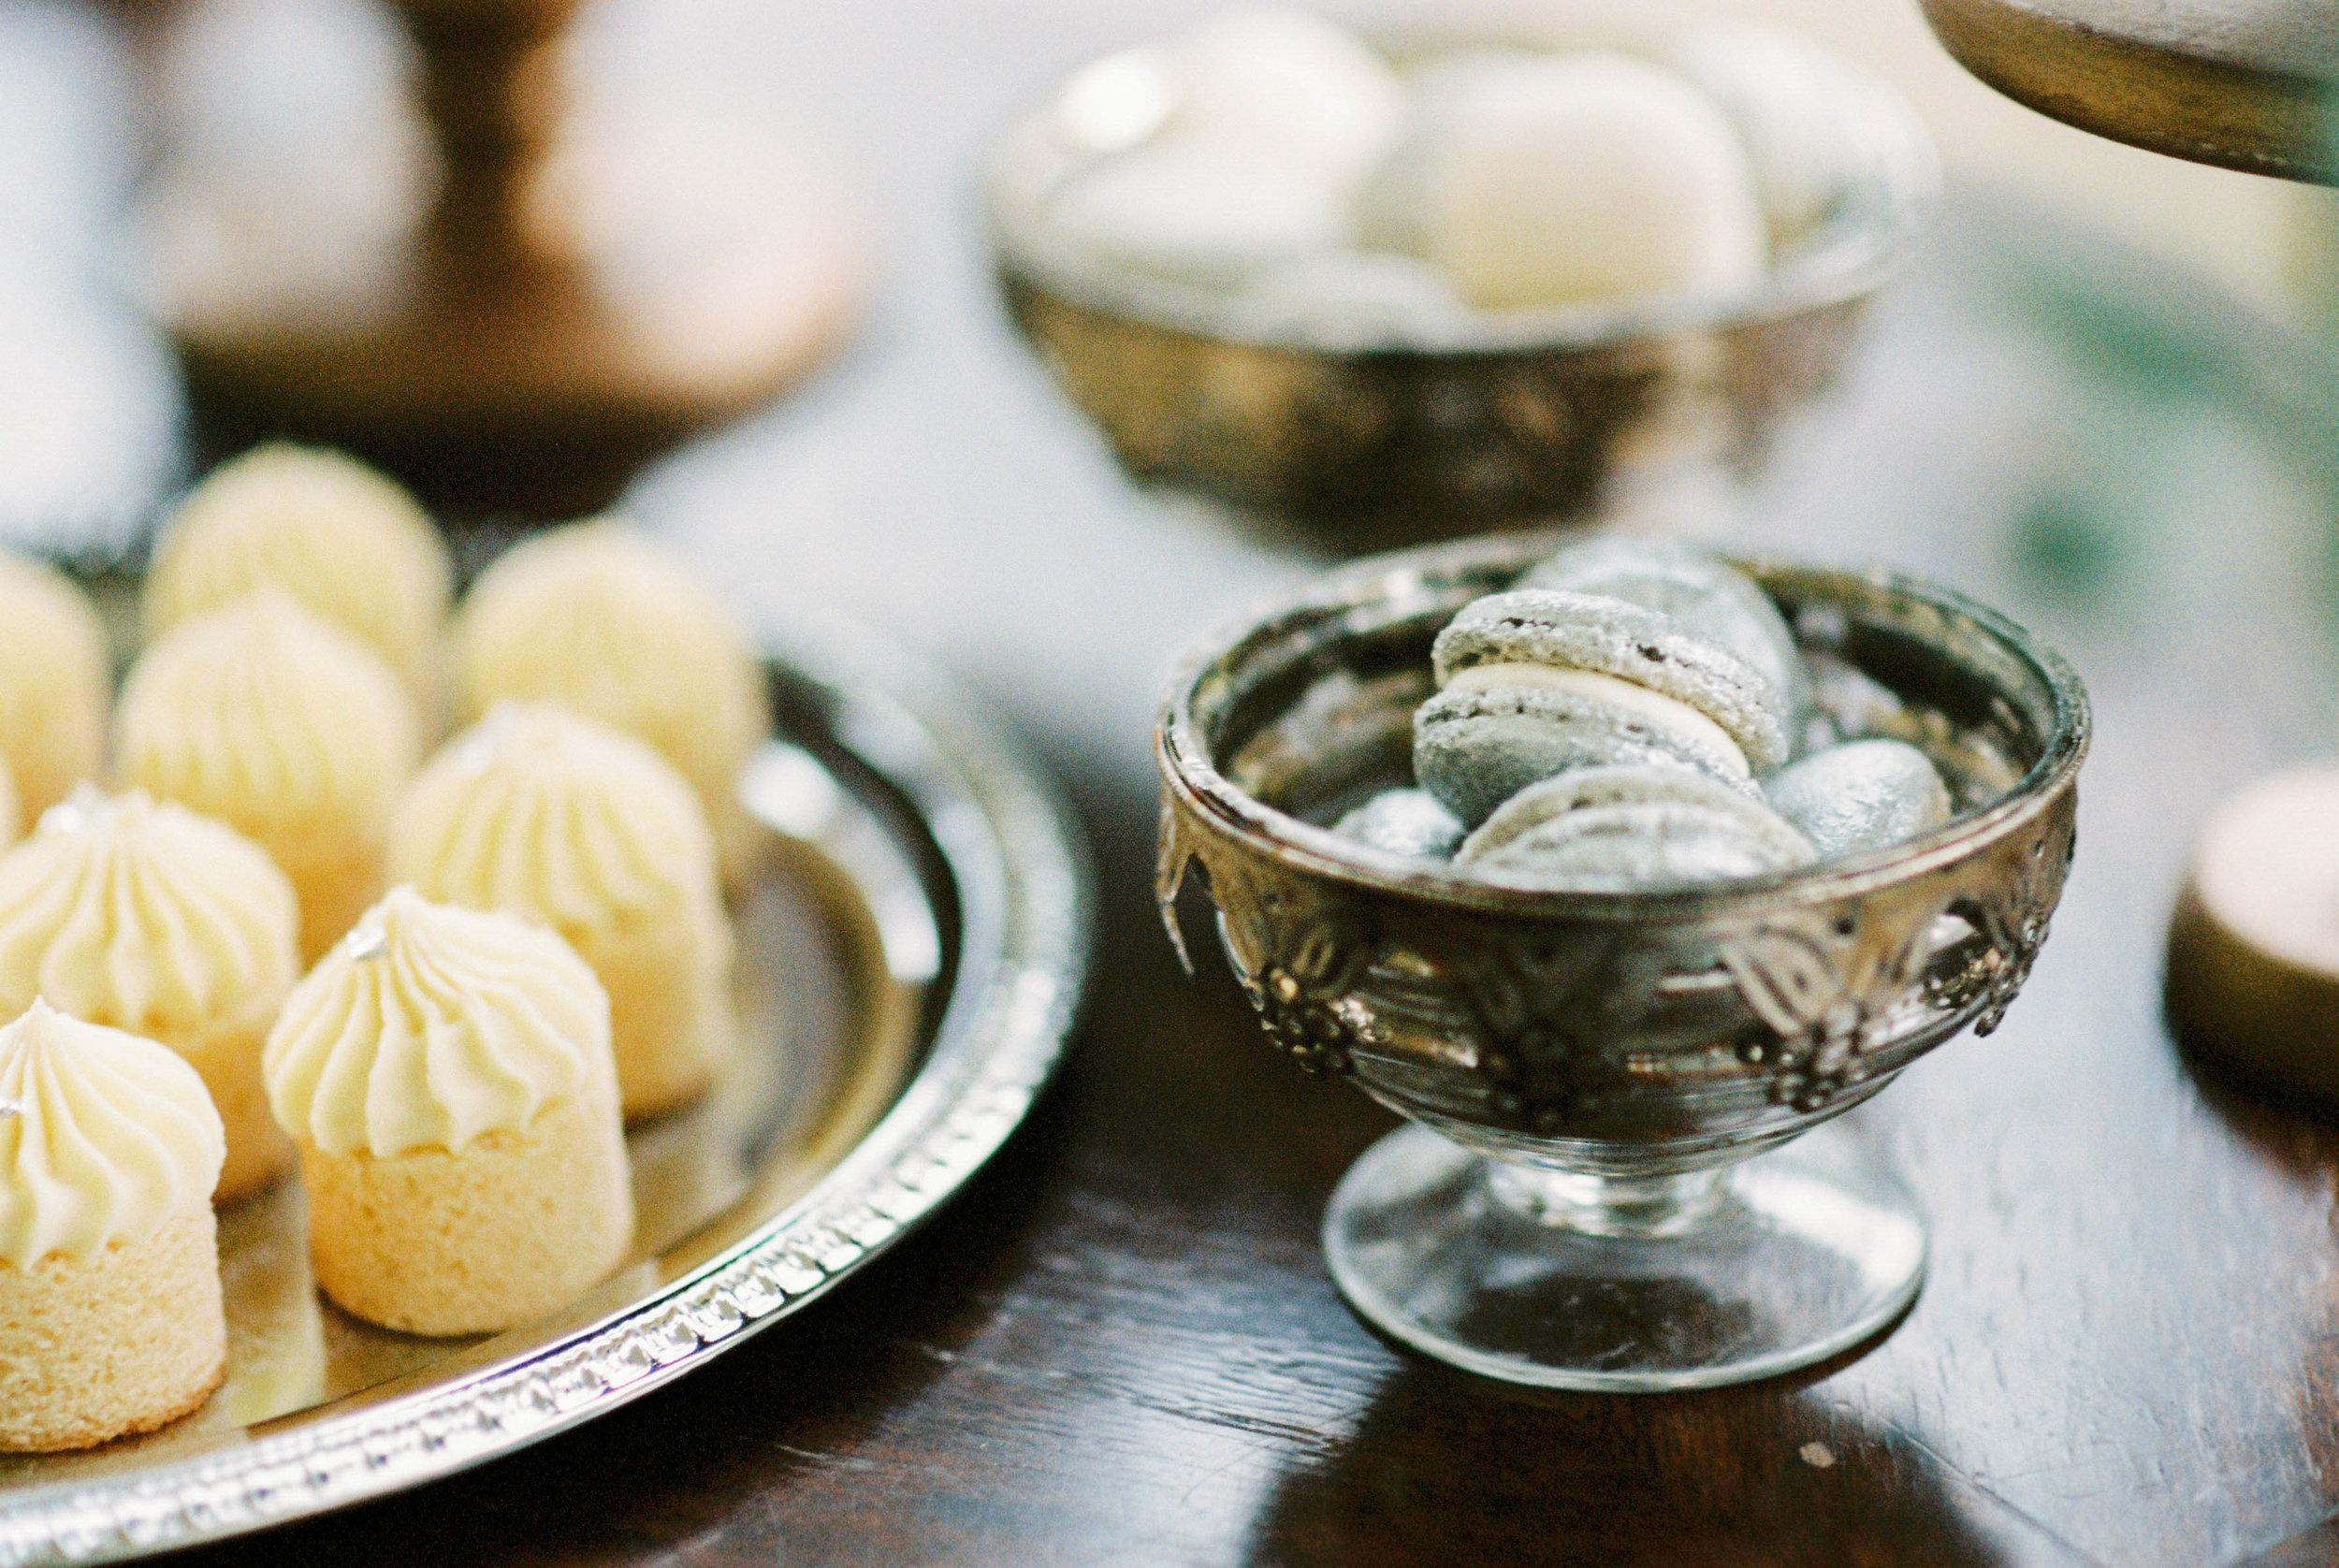 eskuvo-ezust-macaron-cupcake-arany-aprosutemeny-desszertasztal.jpg